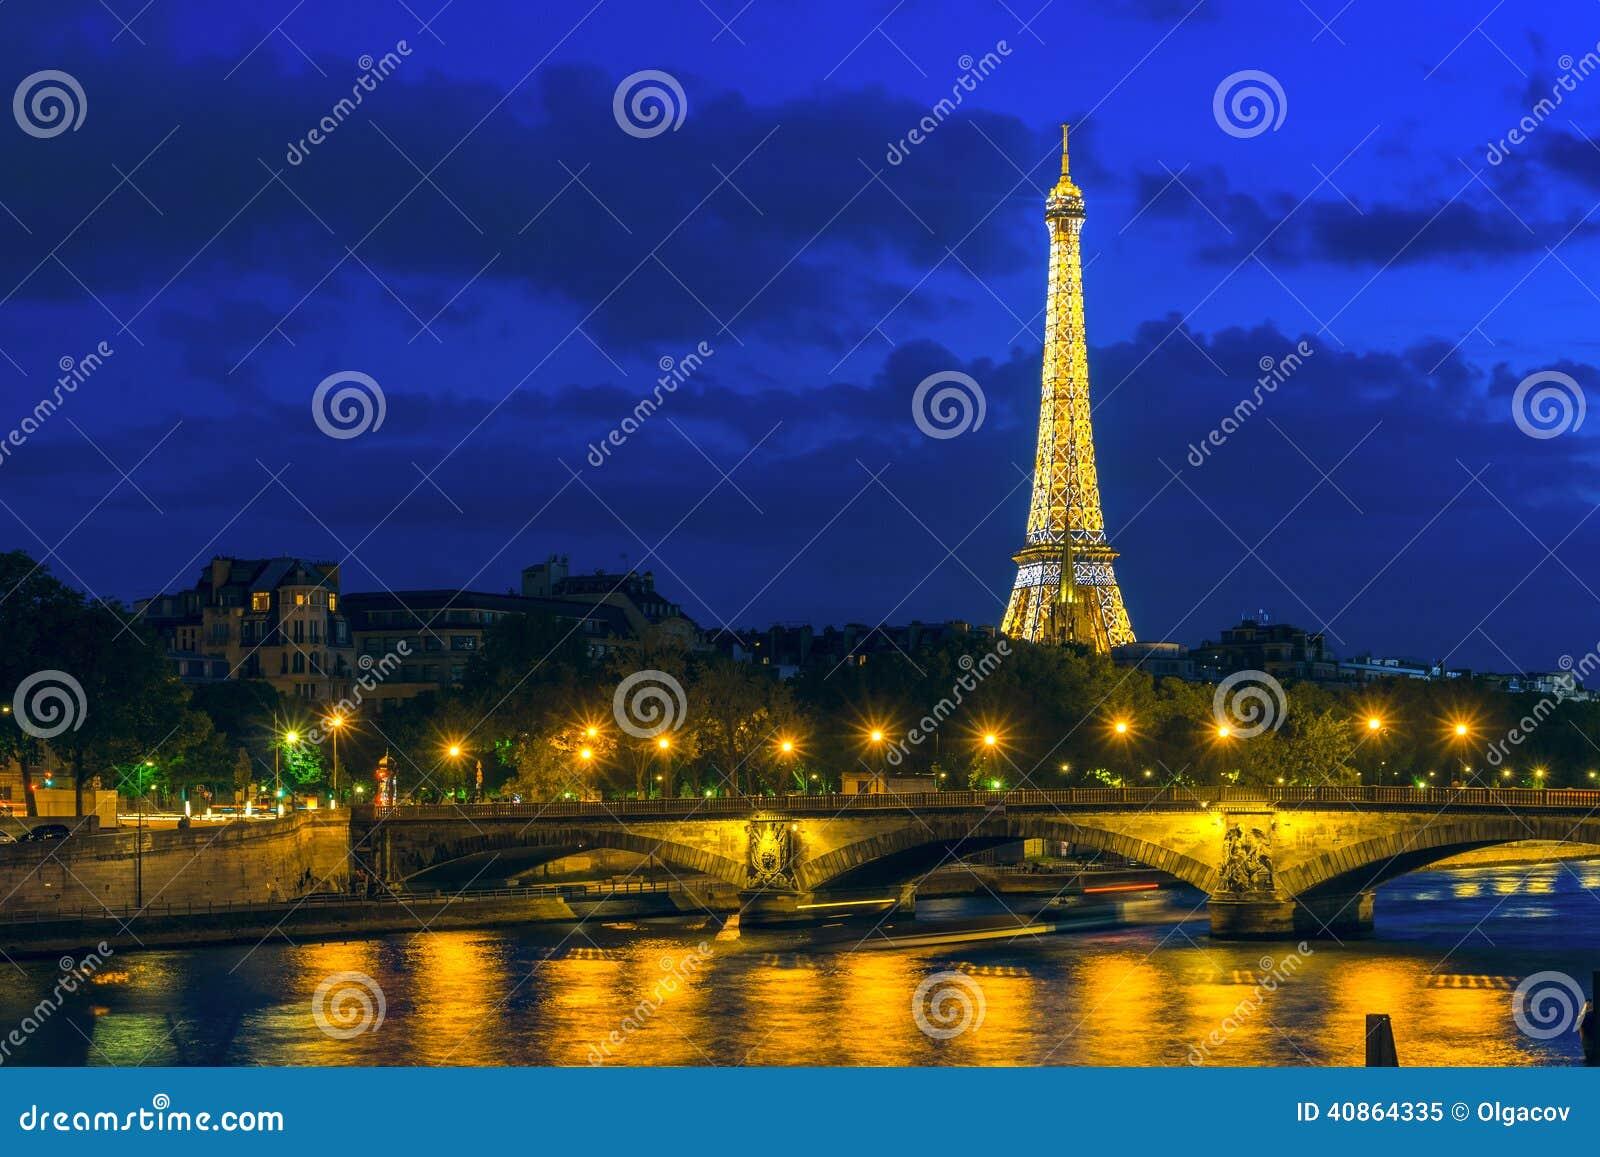 Paris 9 mai paysage urbain de paris avec tour eiffel for Paris paysage